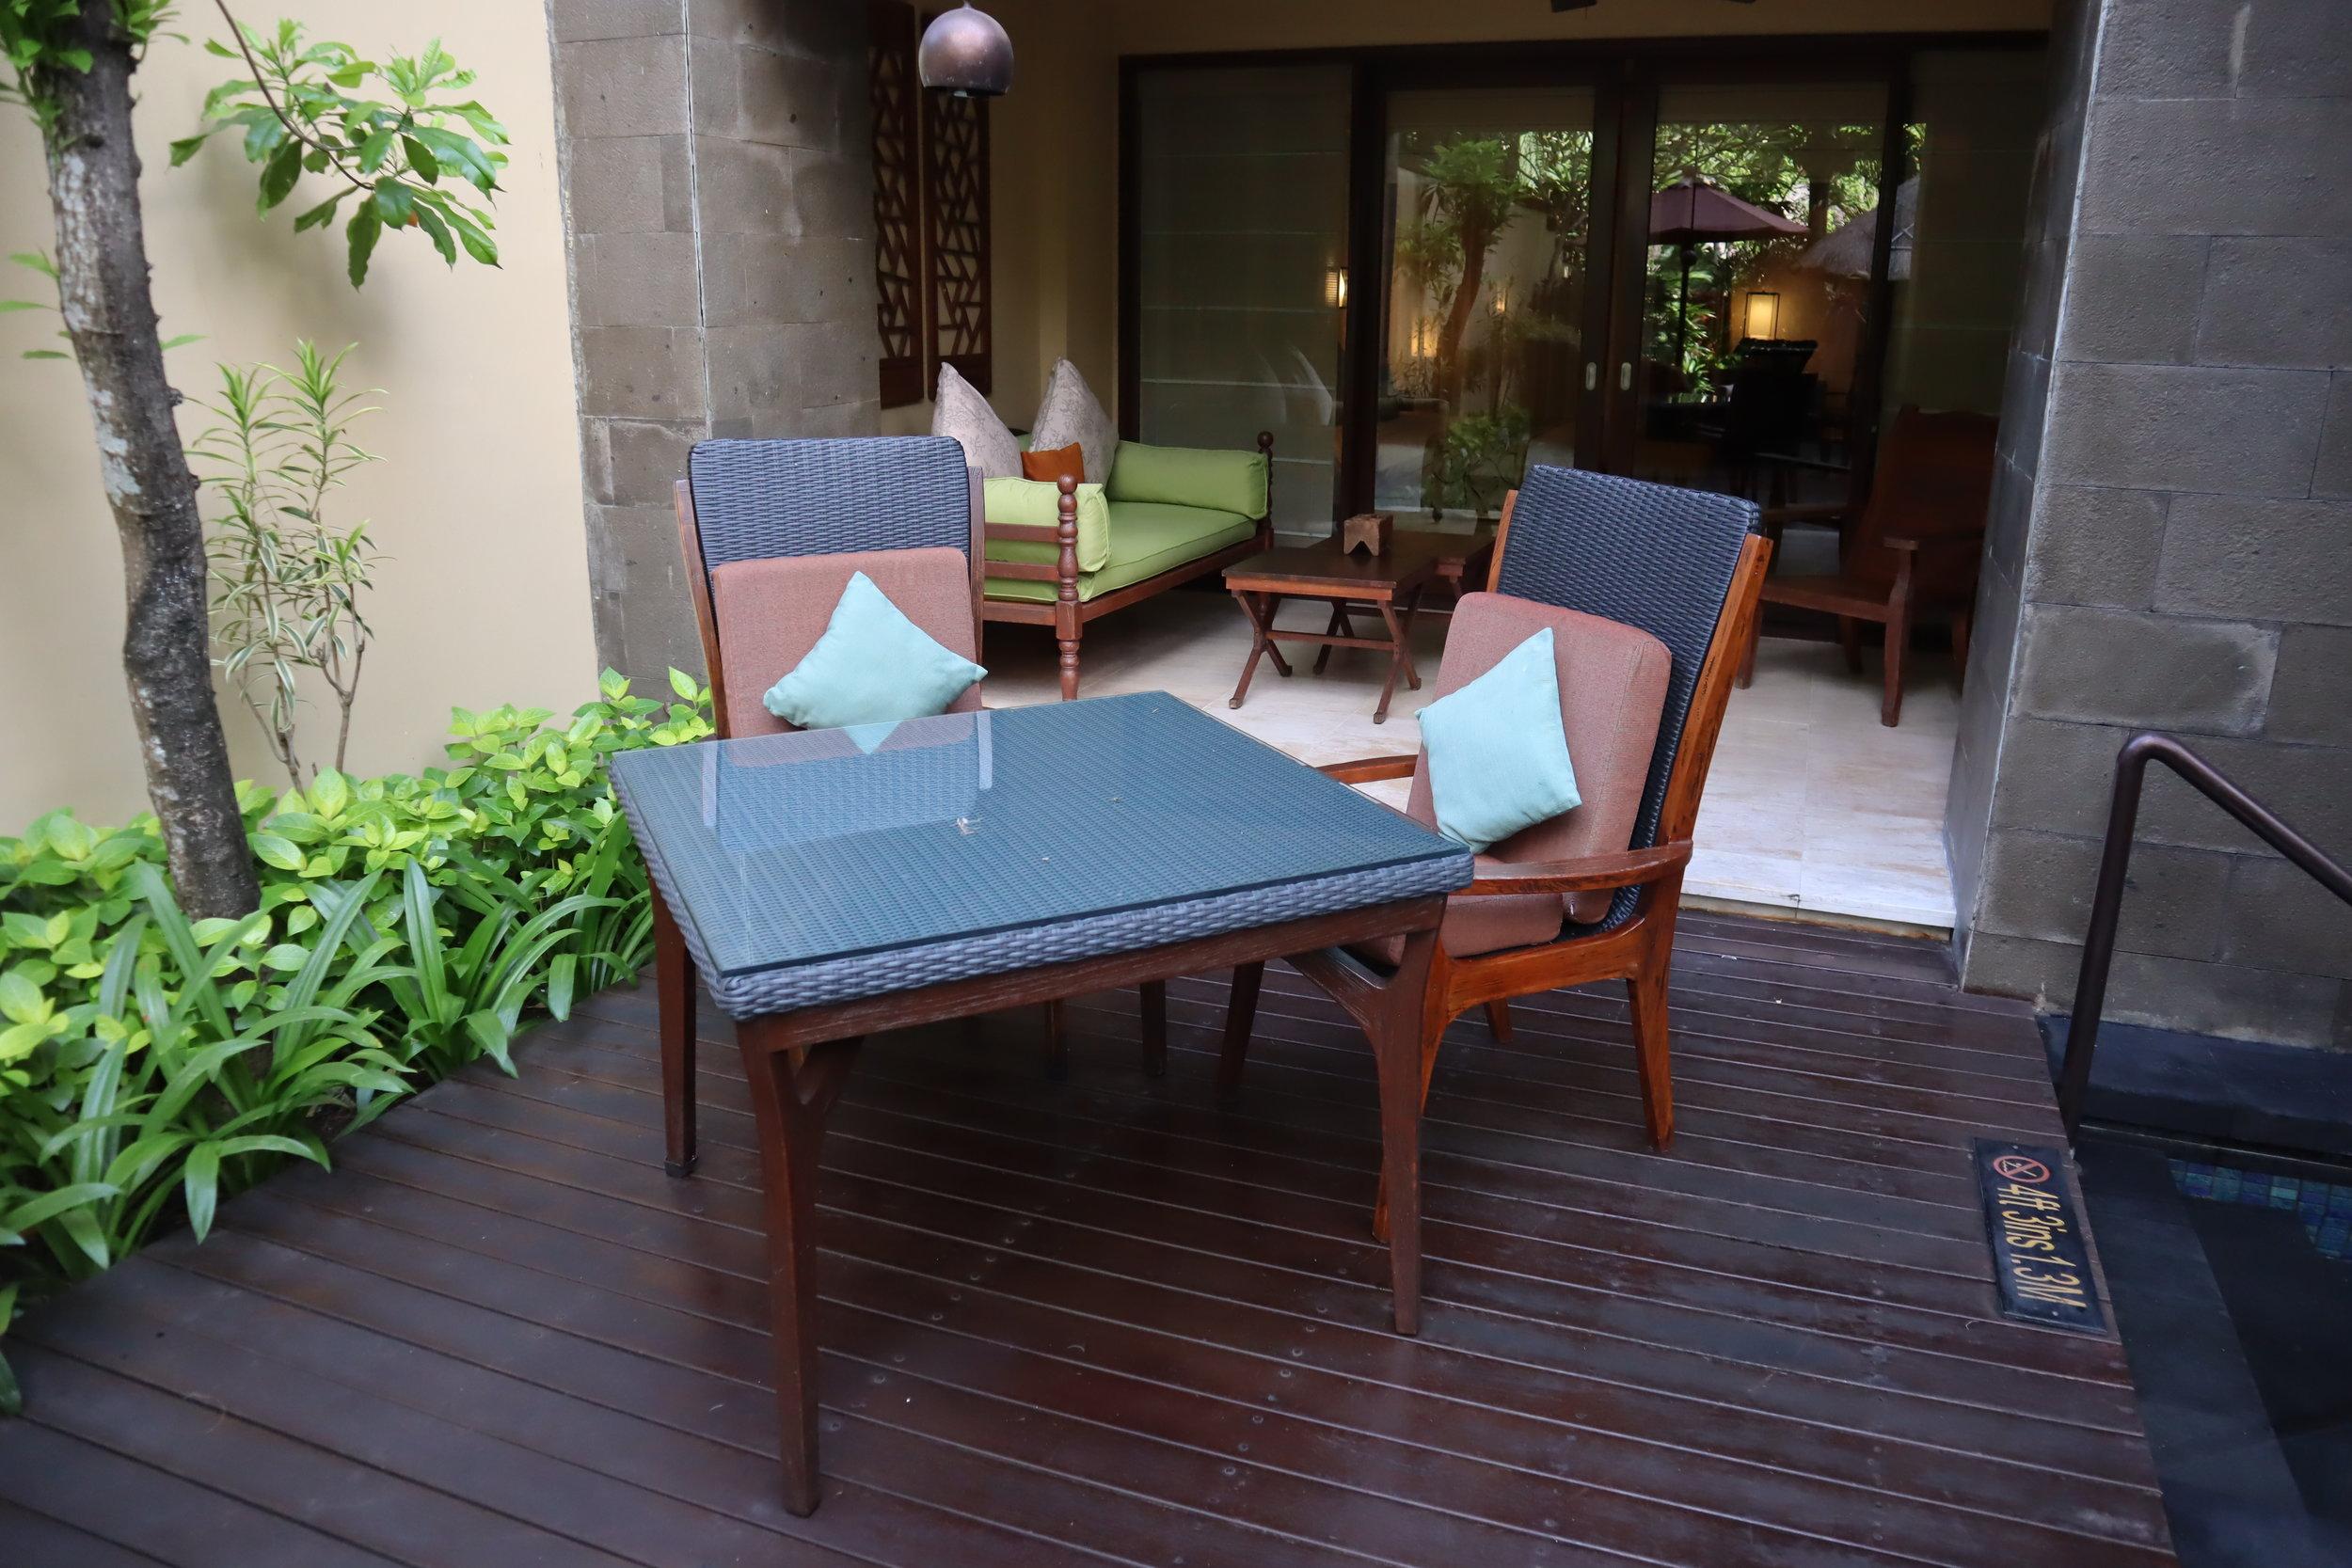 St. Regis Bali – St. Regis Pool Suite back porch